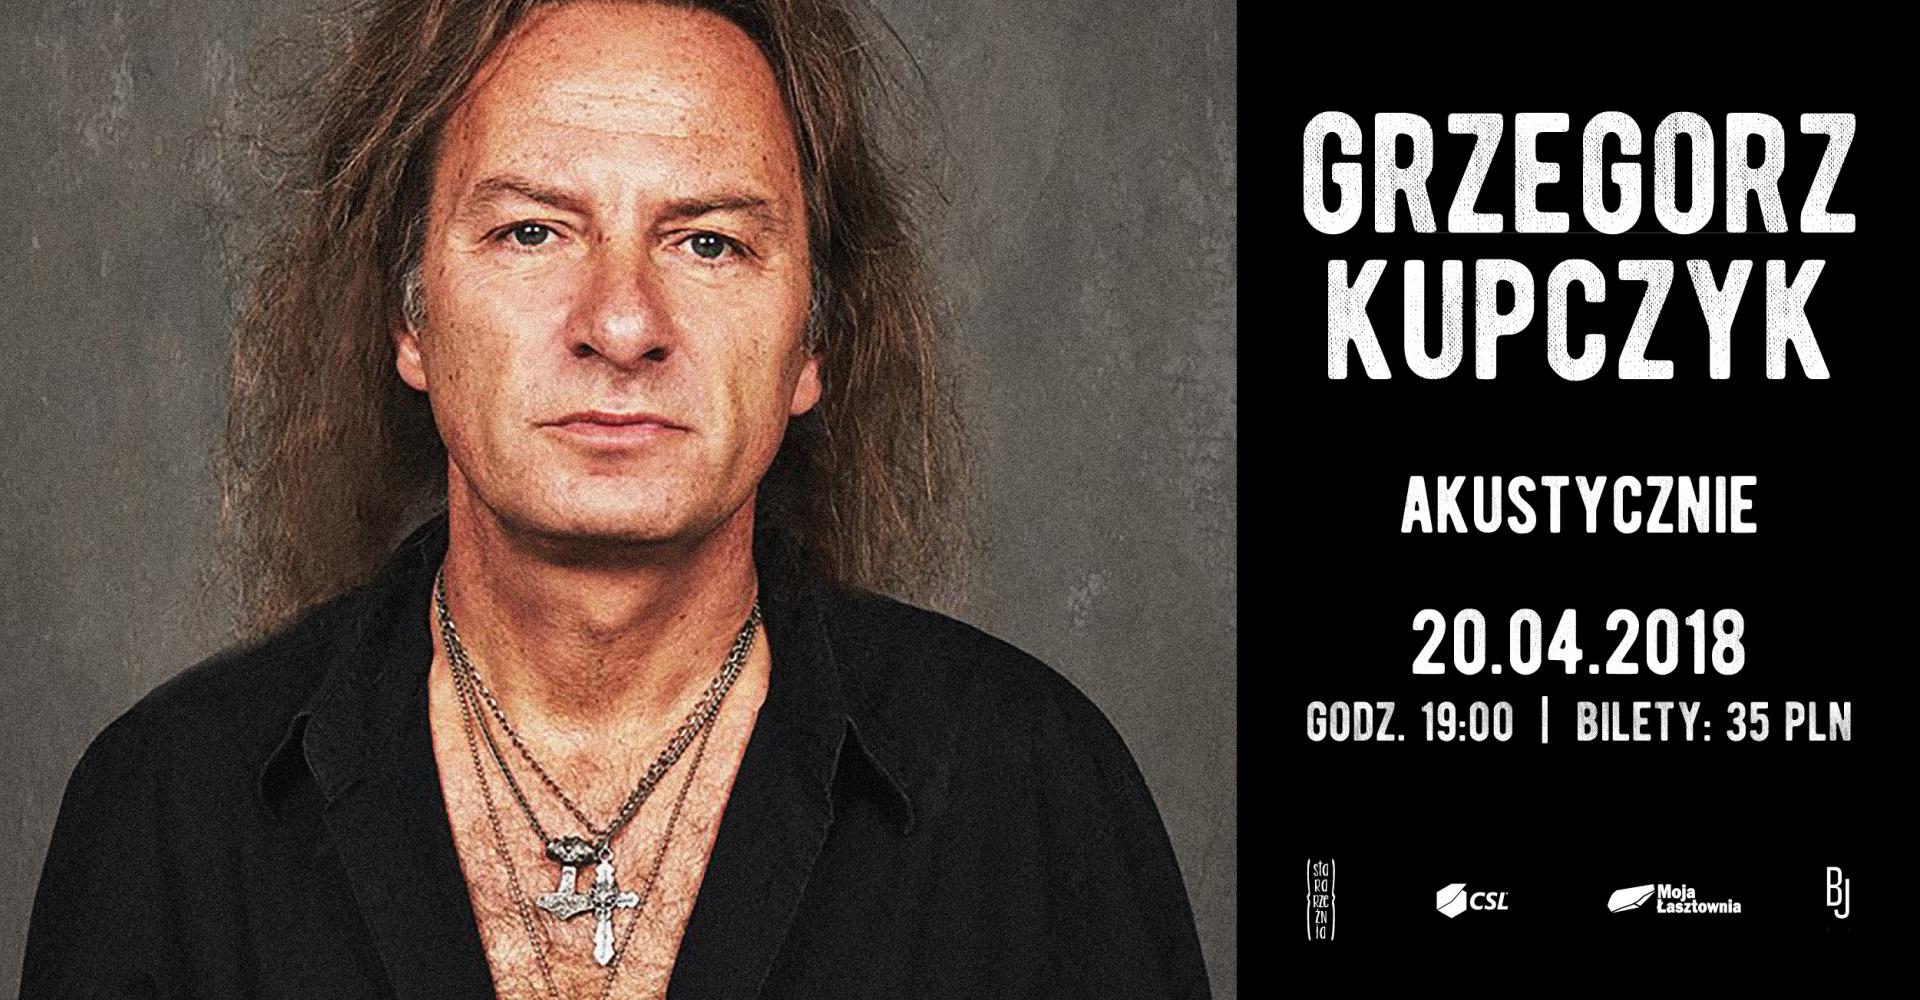 Grzegorz Kupczyk - akustycznie